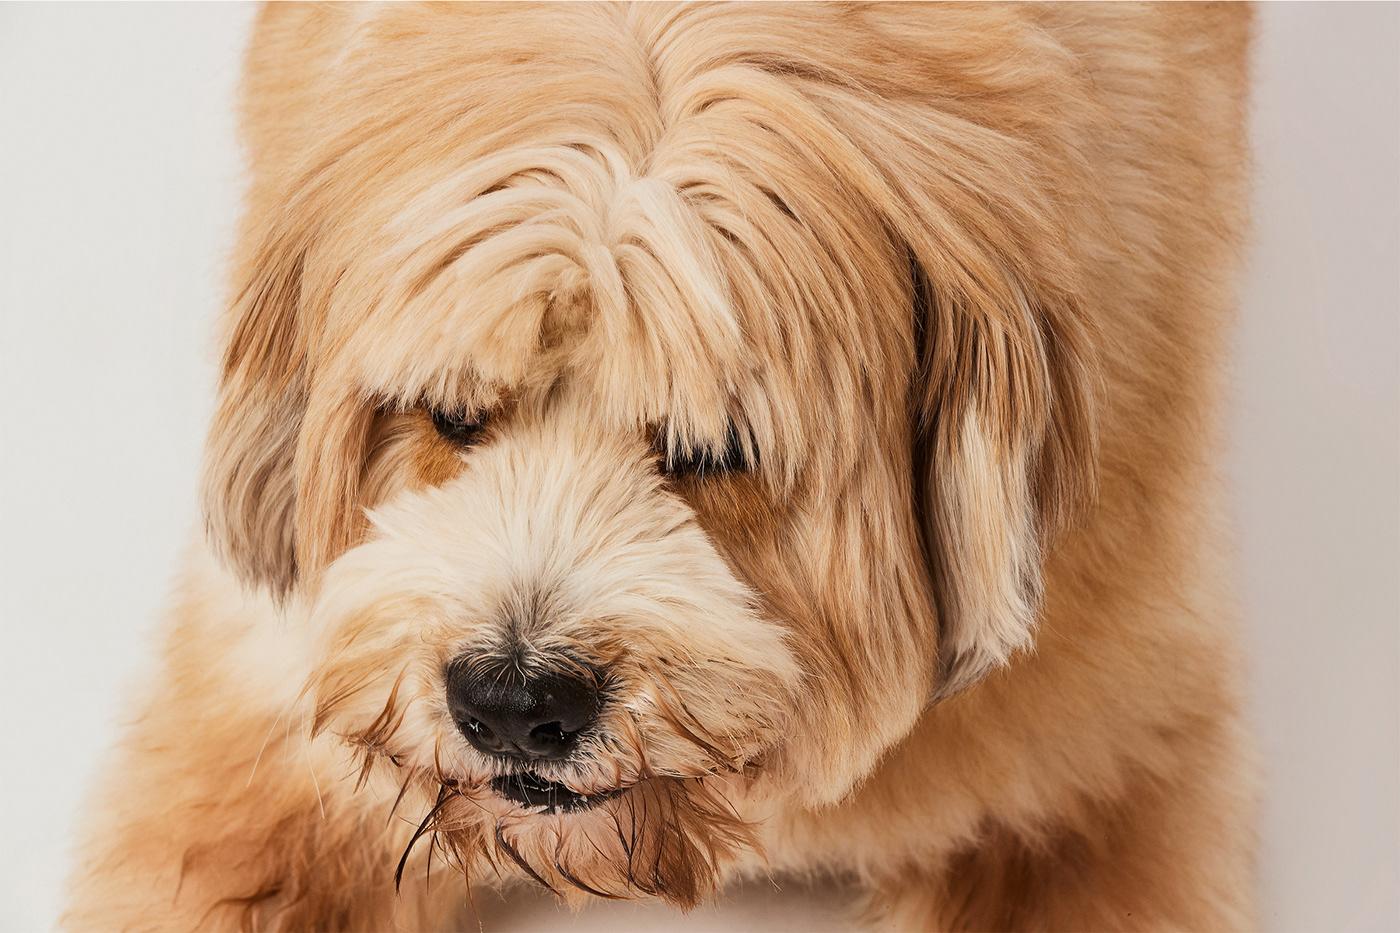 Image may contain: dog, animal and mammal